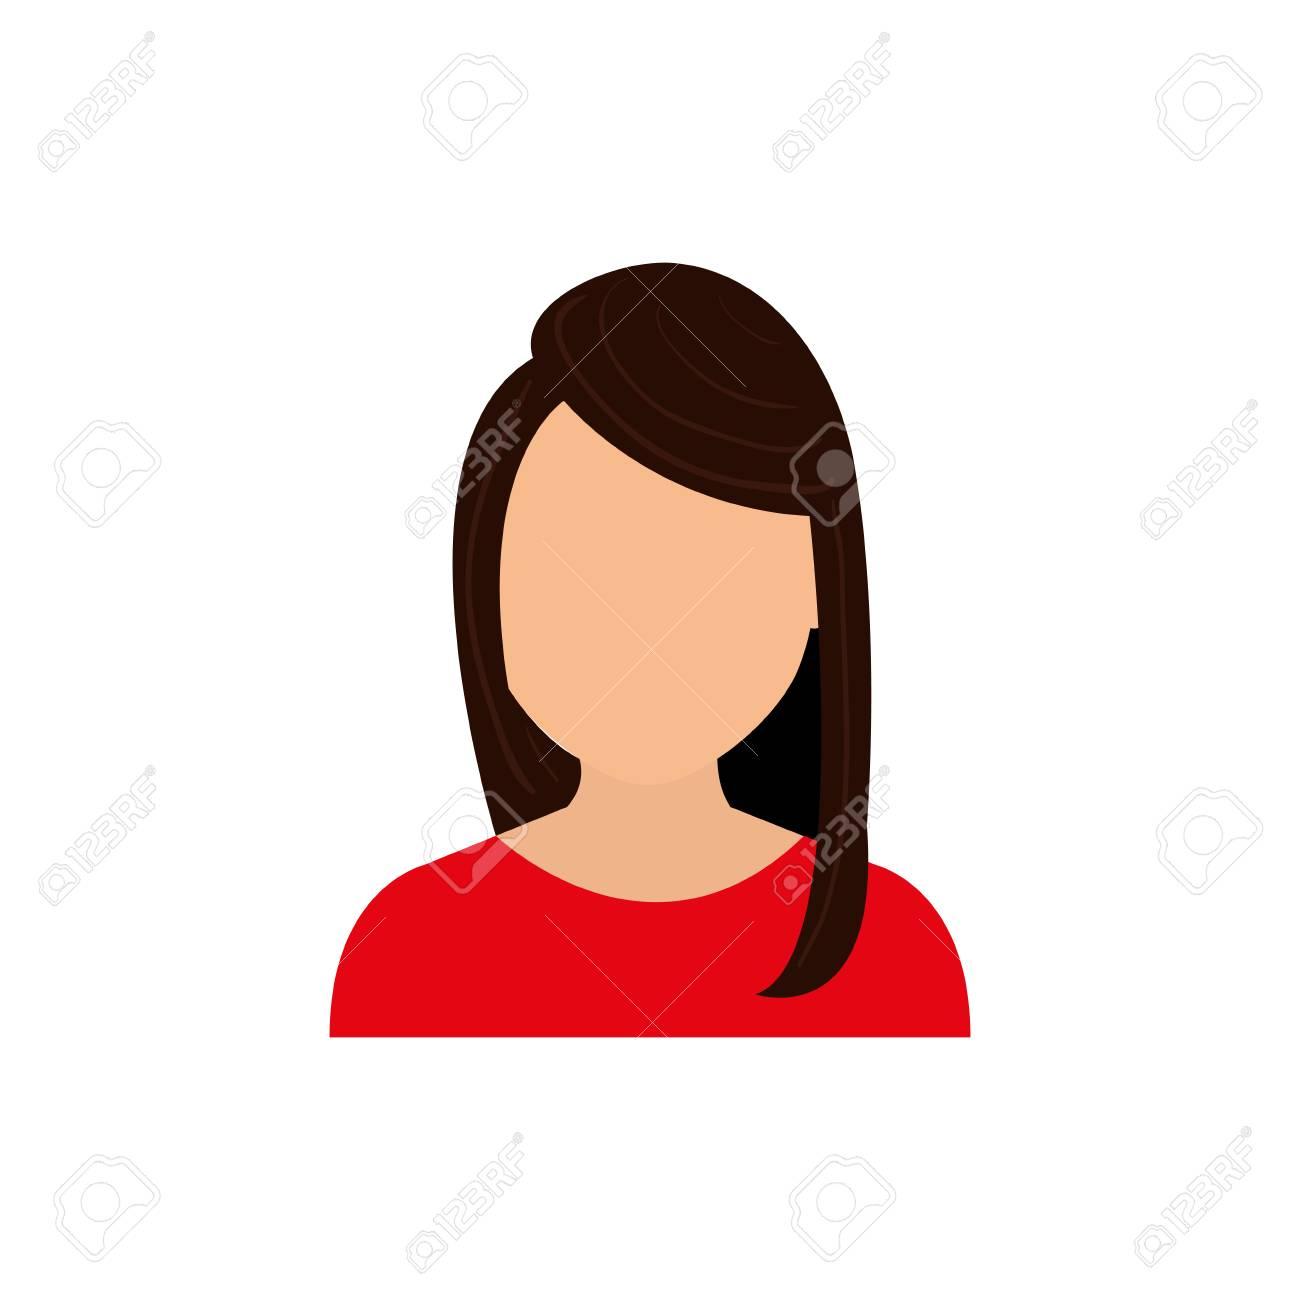 Femme Sans Visage Profil Icône Illustration De Conception Graphique